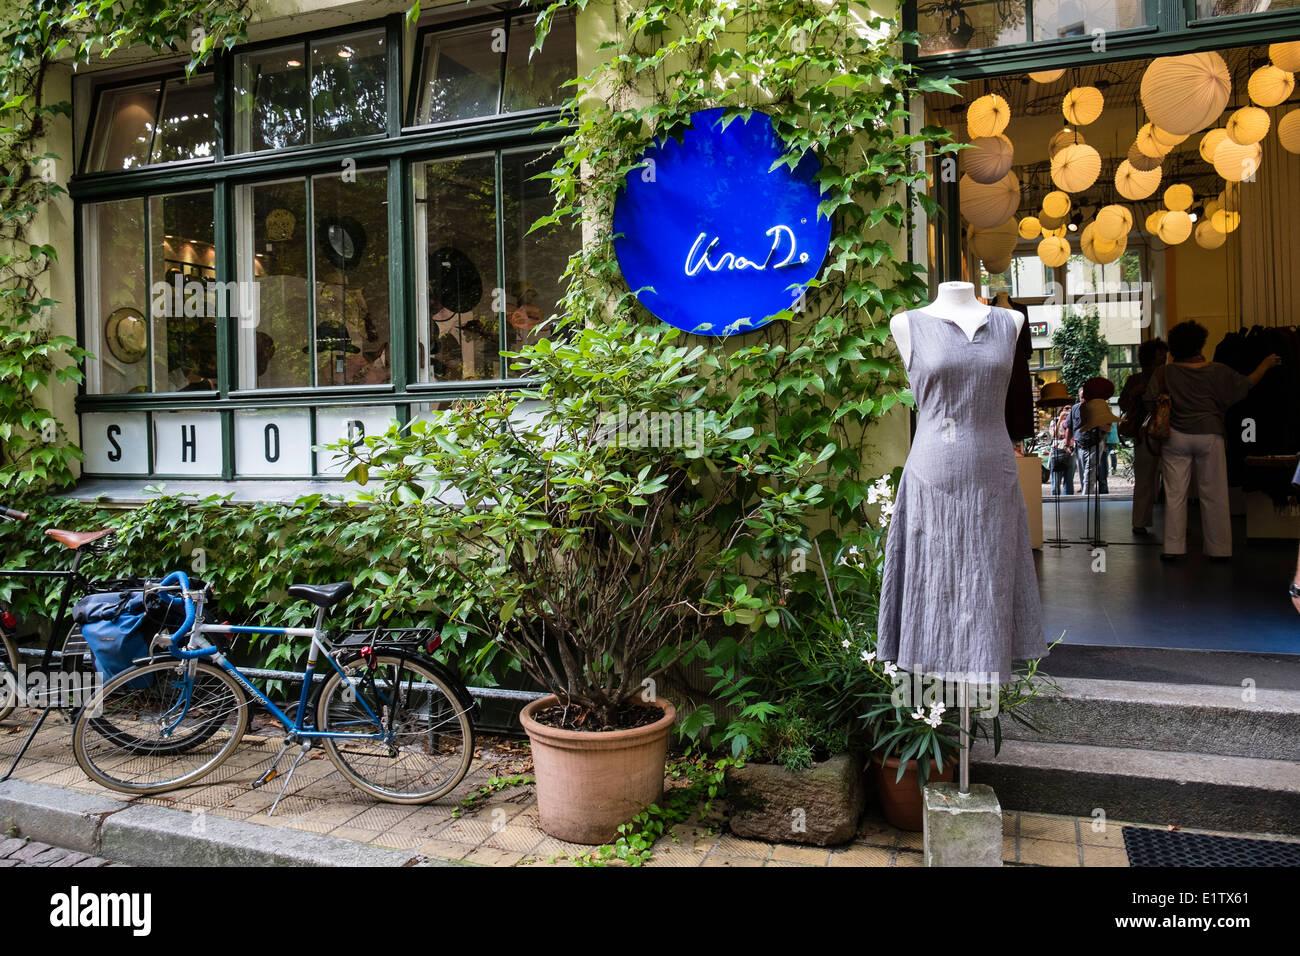 Lisa D fashion shop in Hackescher Markt courtyard in Berlin Germany - Stock Image